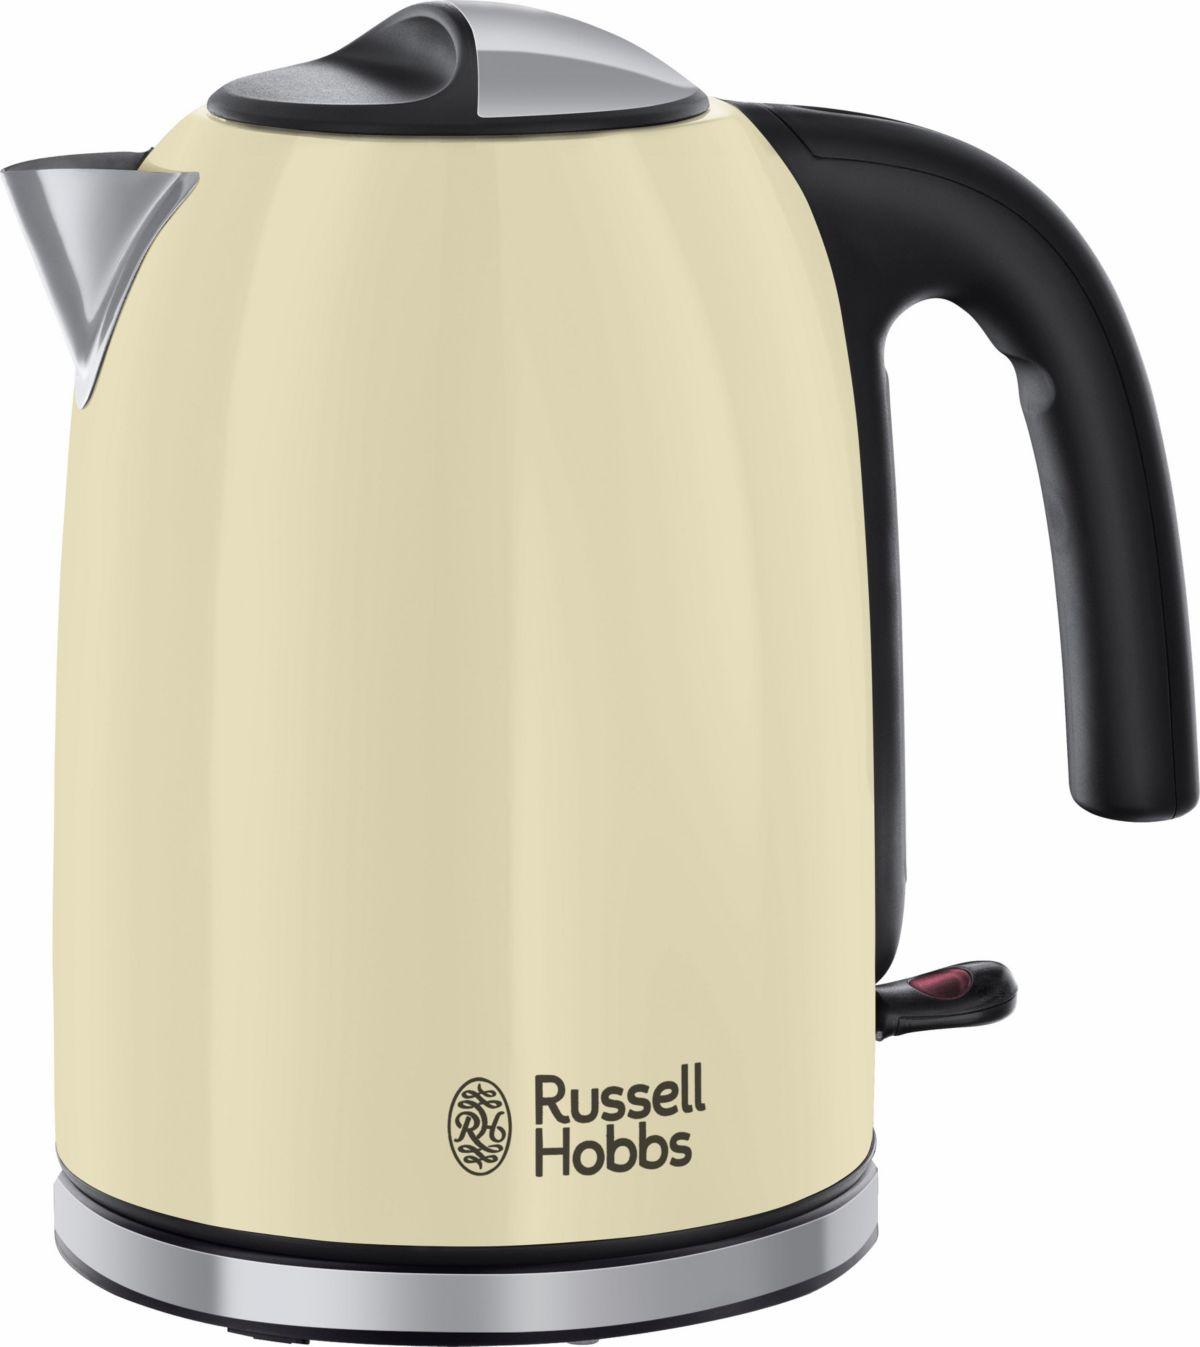 Russell Hobbs Wasserkocher Colours Plus+ Classic Cream 20415-70, 1,7 Liter, 2400 Watt, Edelstahl